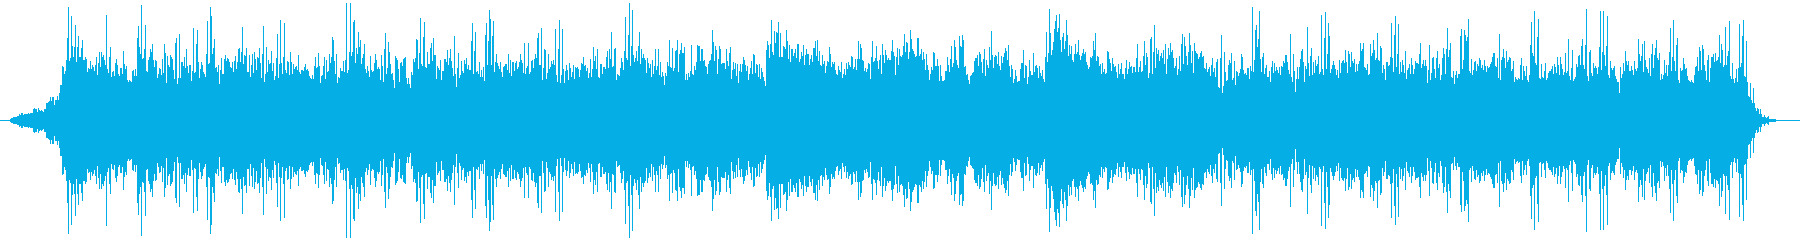 シリアスな雰囲気漂うアンビエント系BGMの再生済みの波形